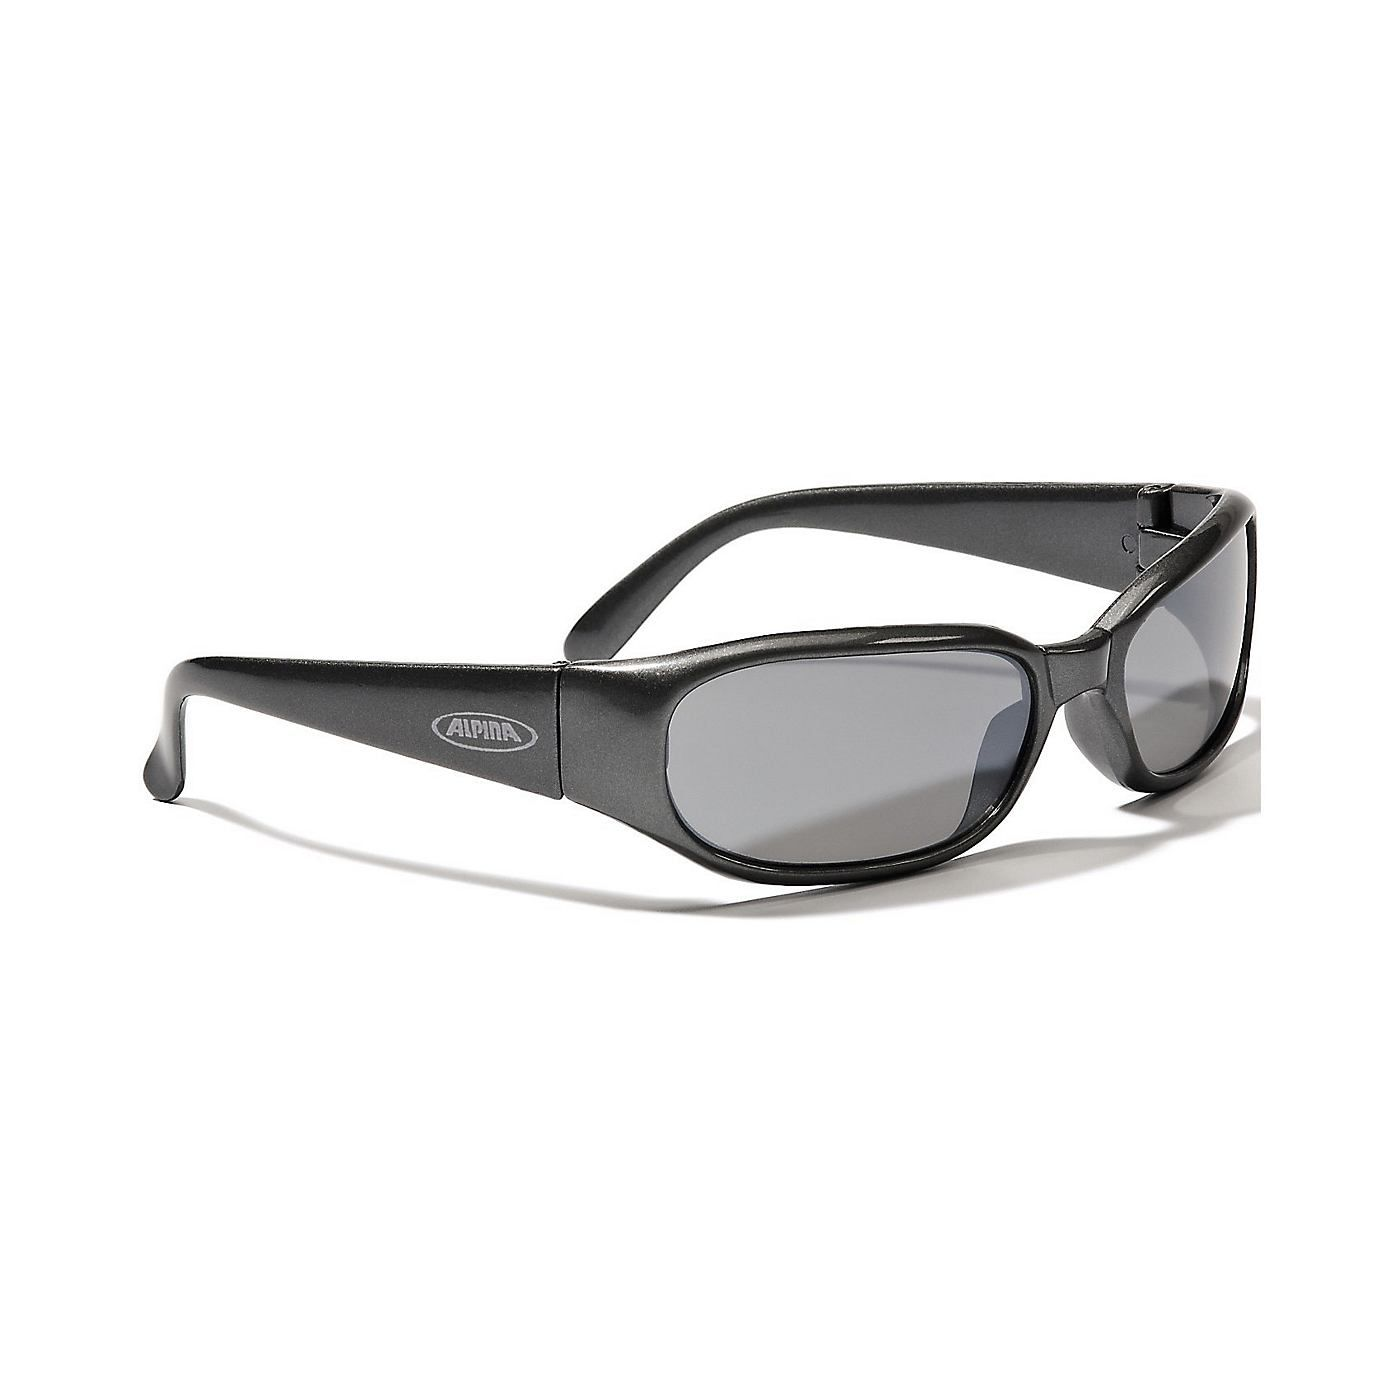 ALPINA Kinder Sonnenbrille ZILLY. Ob auf dem Fahrrad, am Strand oder in den Bergen die Augen der Kinder sollten immer gut vor Zugluft und Sonne geschützt werden.  Diese ALPINA Kinder Sonnenbrille ZILLY hat die folgenden Besonderheiten:  - bruchfest - 100% UV-A,B-,C-Schutz bis 400 nm - innen hartbeschichtet - außen verspiegelt - absorbiert Infrarotstrahlen  Die Sonnenbrille Zilly ist passend für...